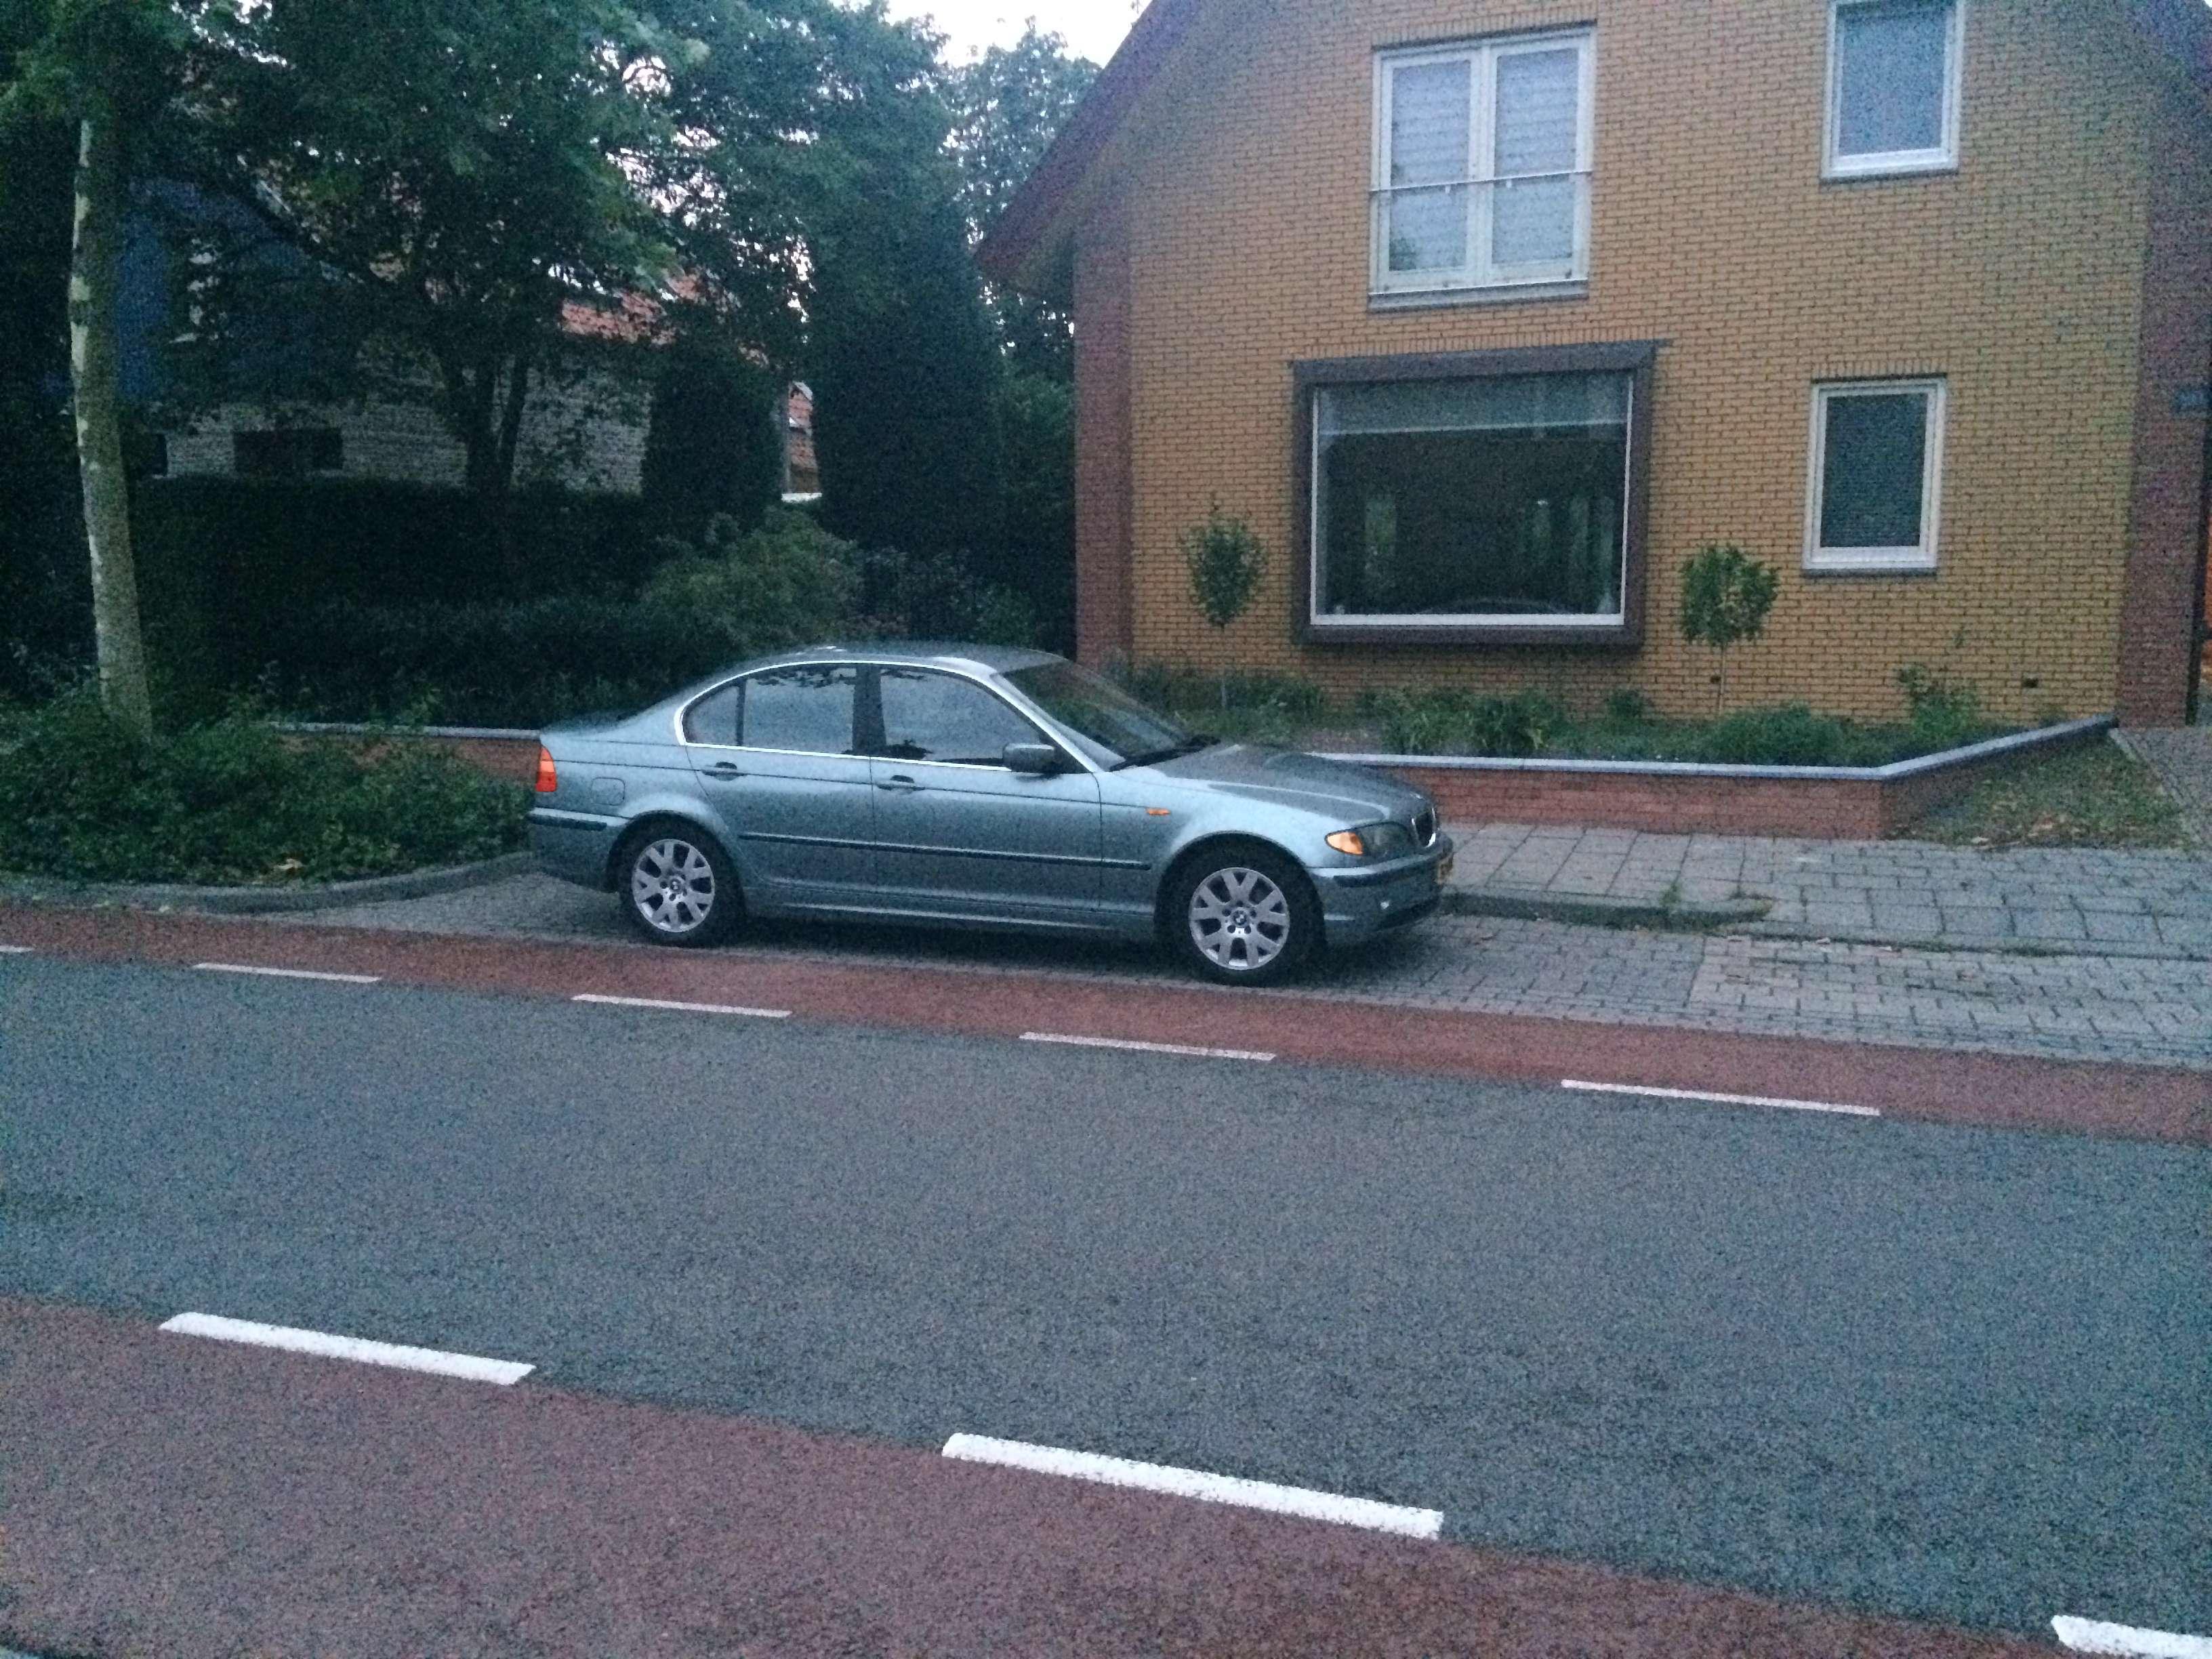 BimmerPortal.nl - Online BMW Forum • Toon onderwerp - Mijn ...